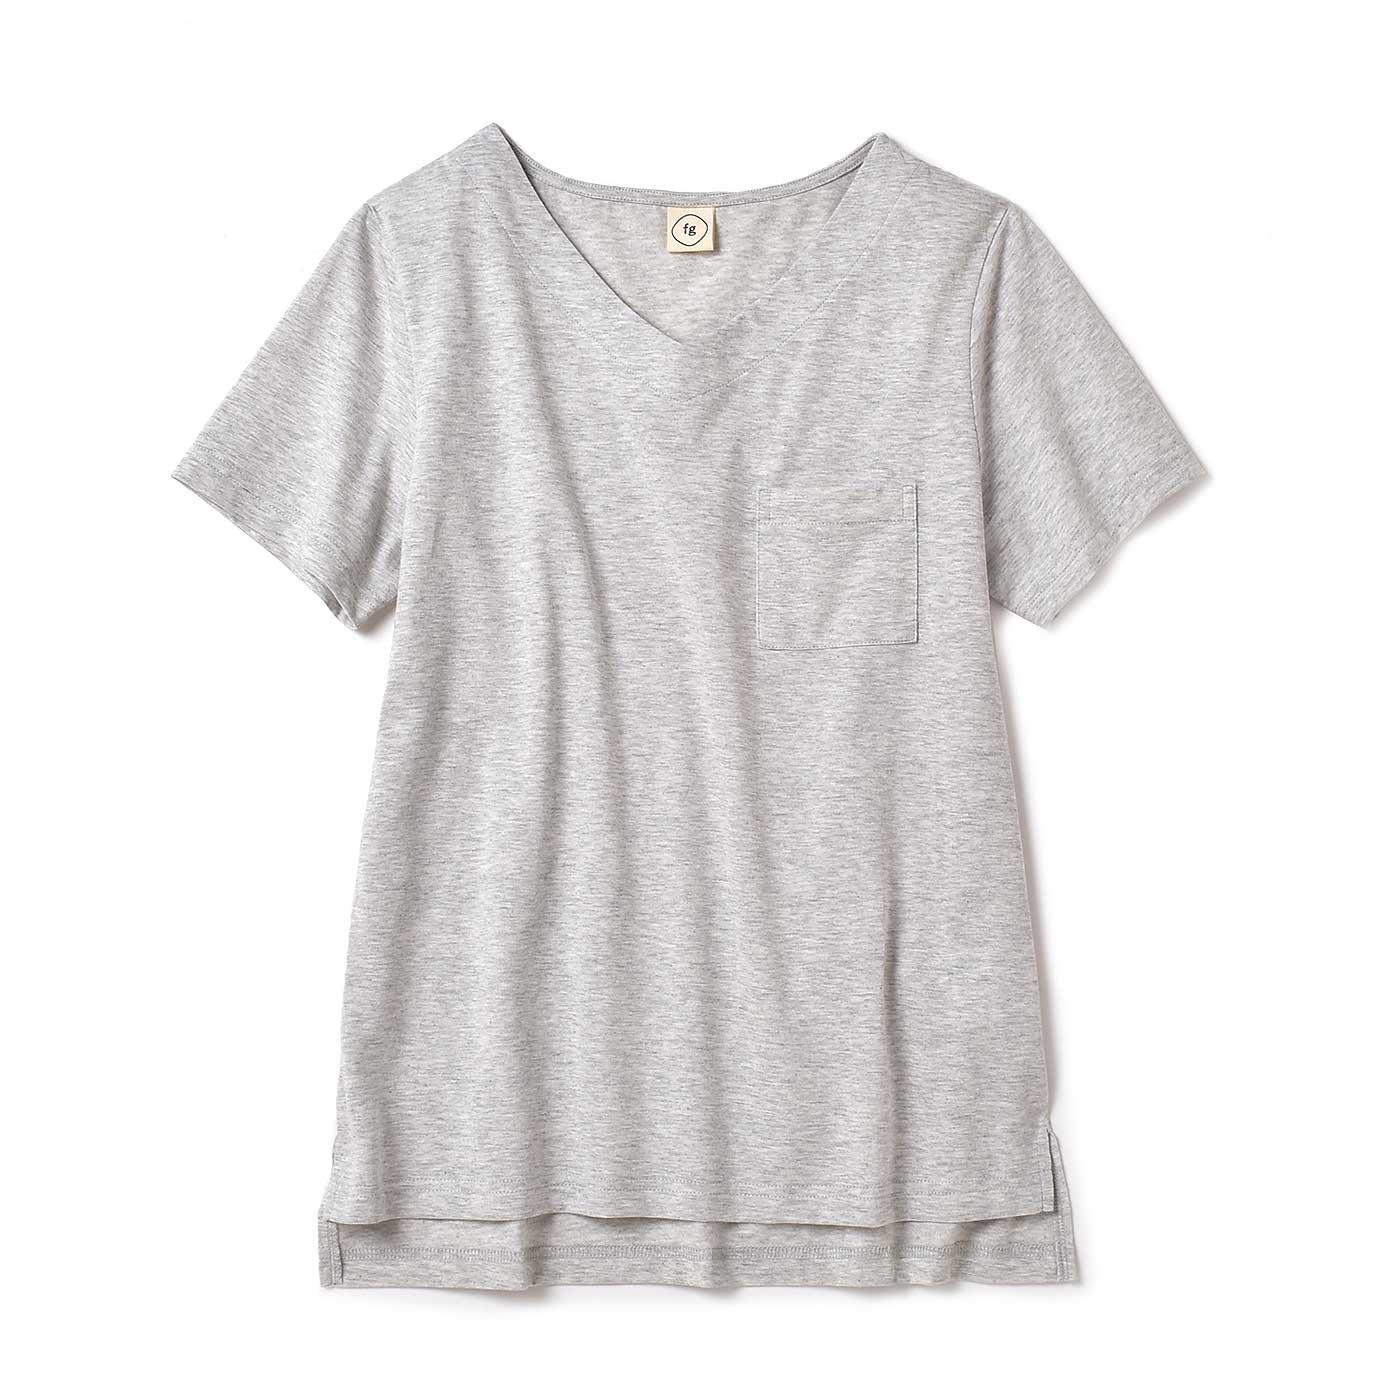 フラウグラット 定番ヘビロテ♪ ニュアンスグレーの 汗じみ対策Tシャツ〈19〉